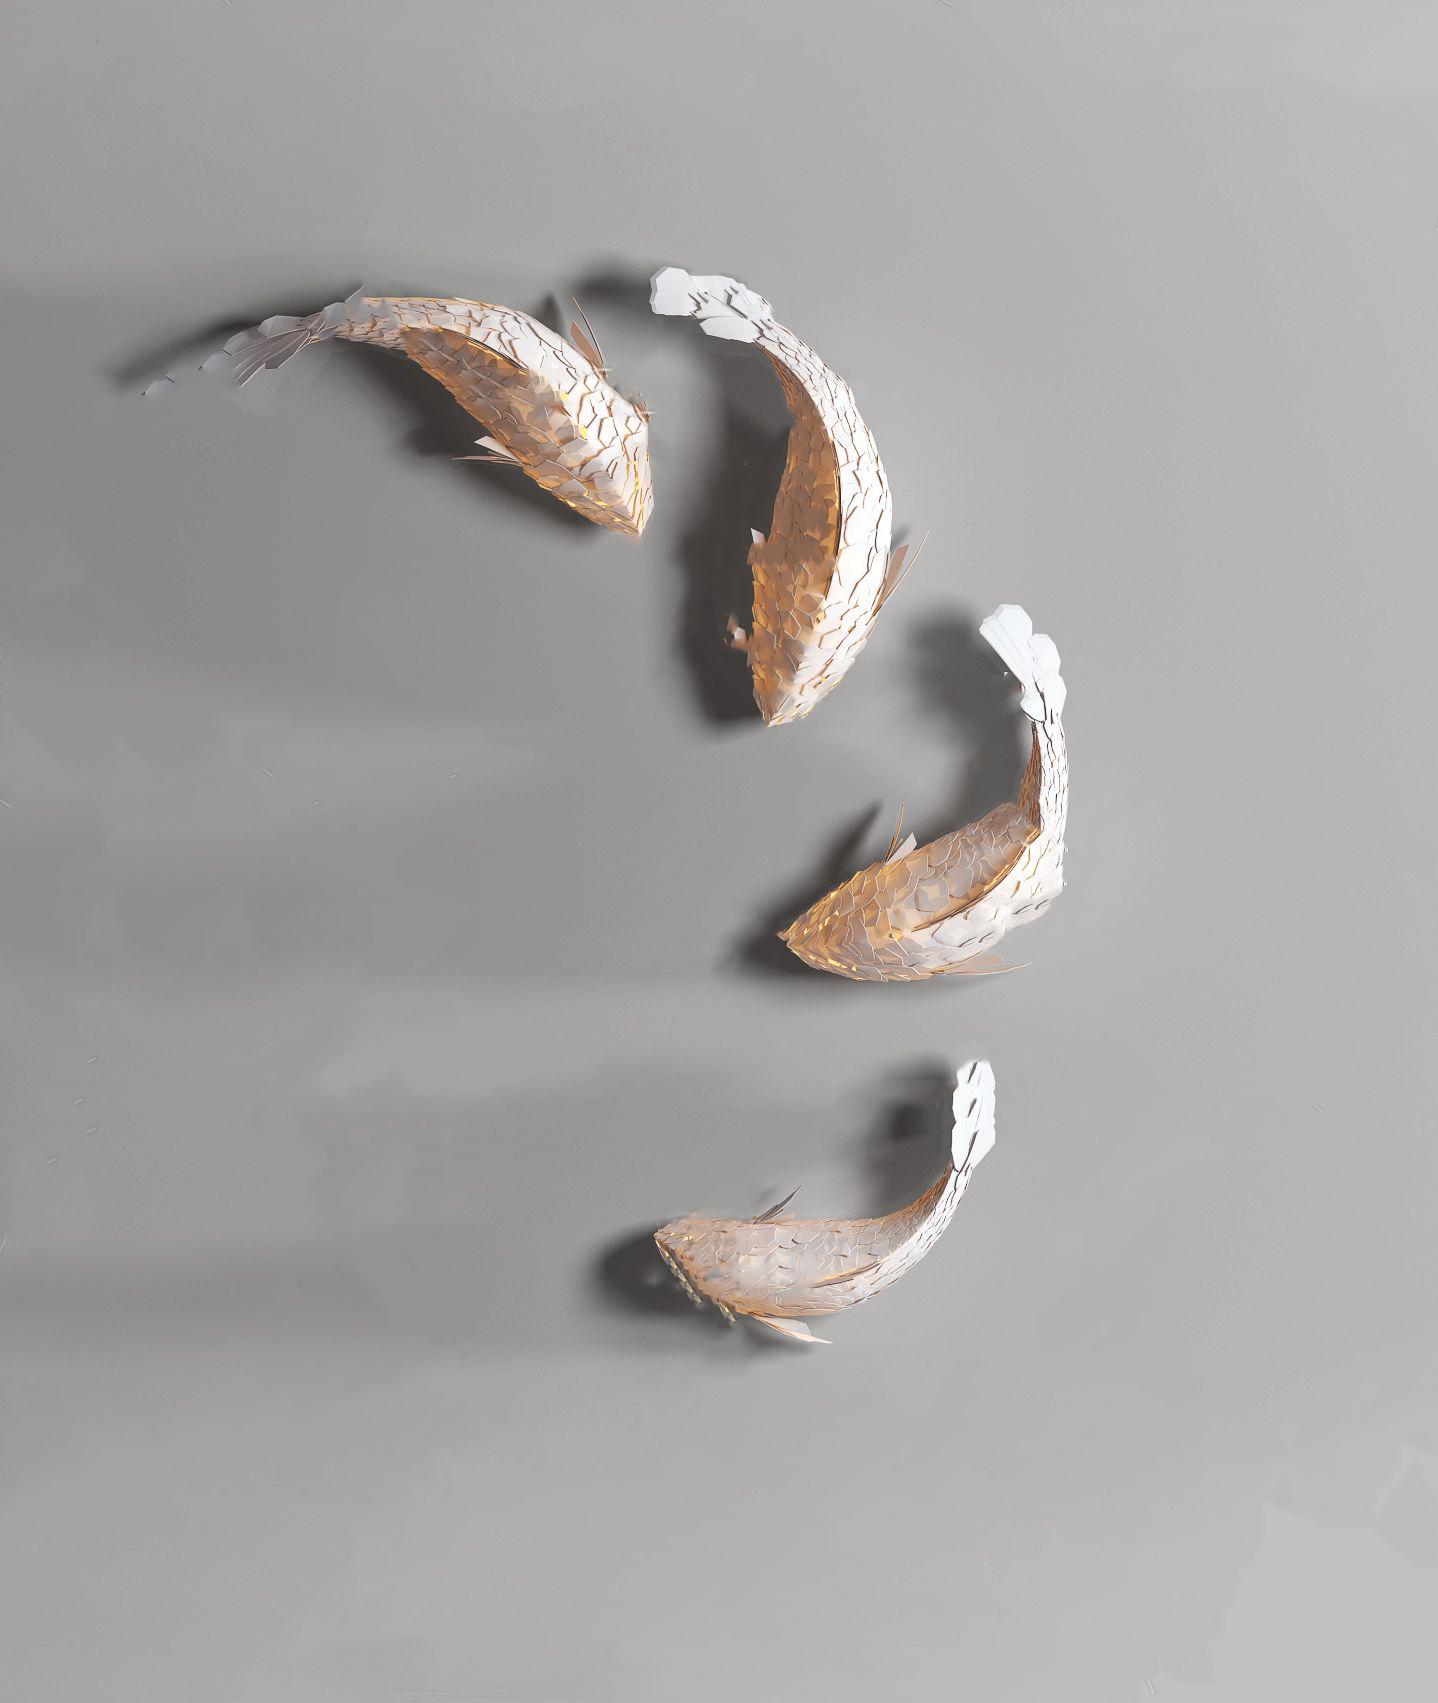 现代鱼造型装饰灯3D模型【ID:242180418】